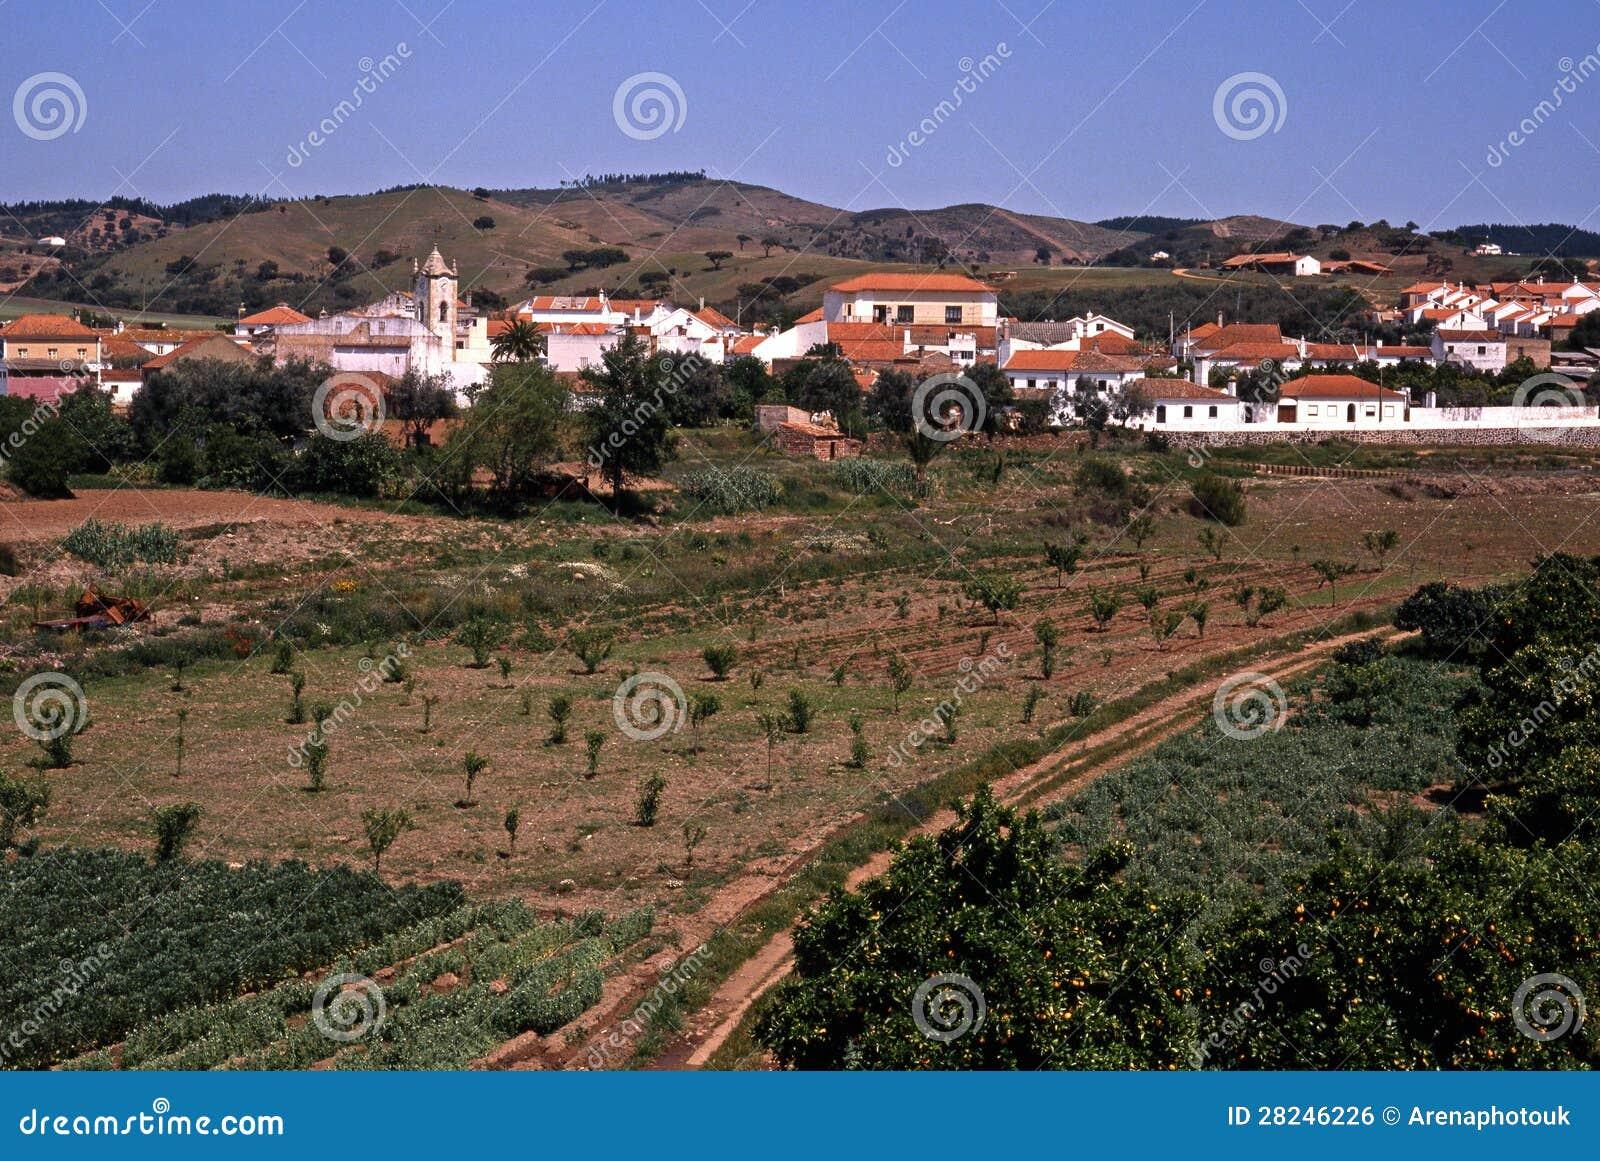 Vila portuguesa, Santa Clara-um-Velha, Portugal.